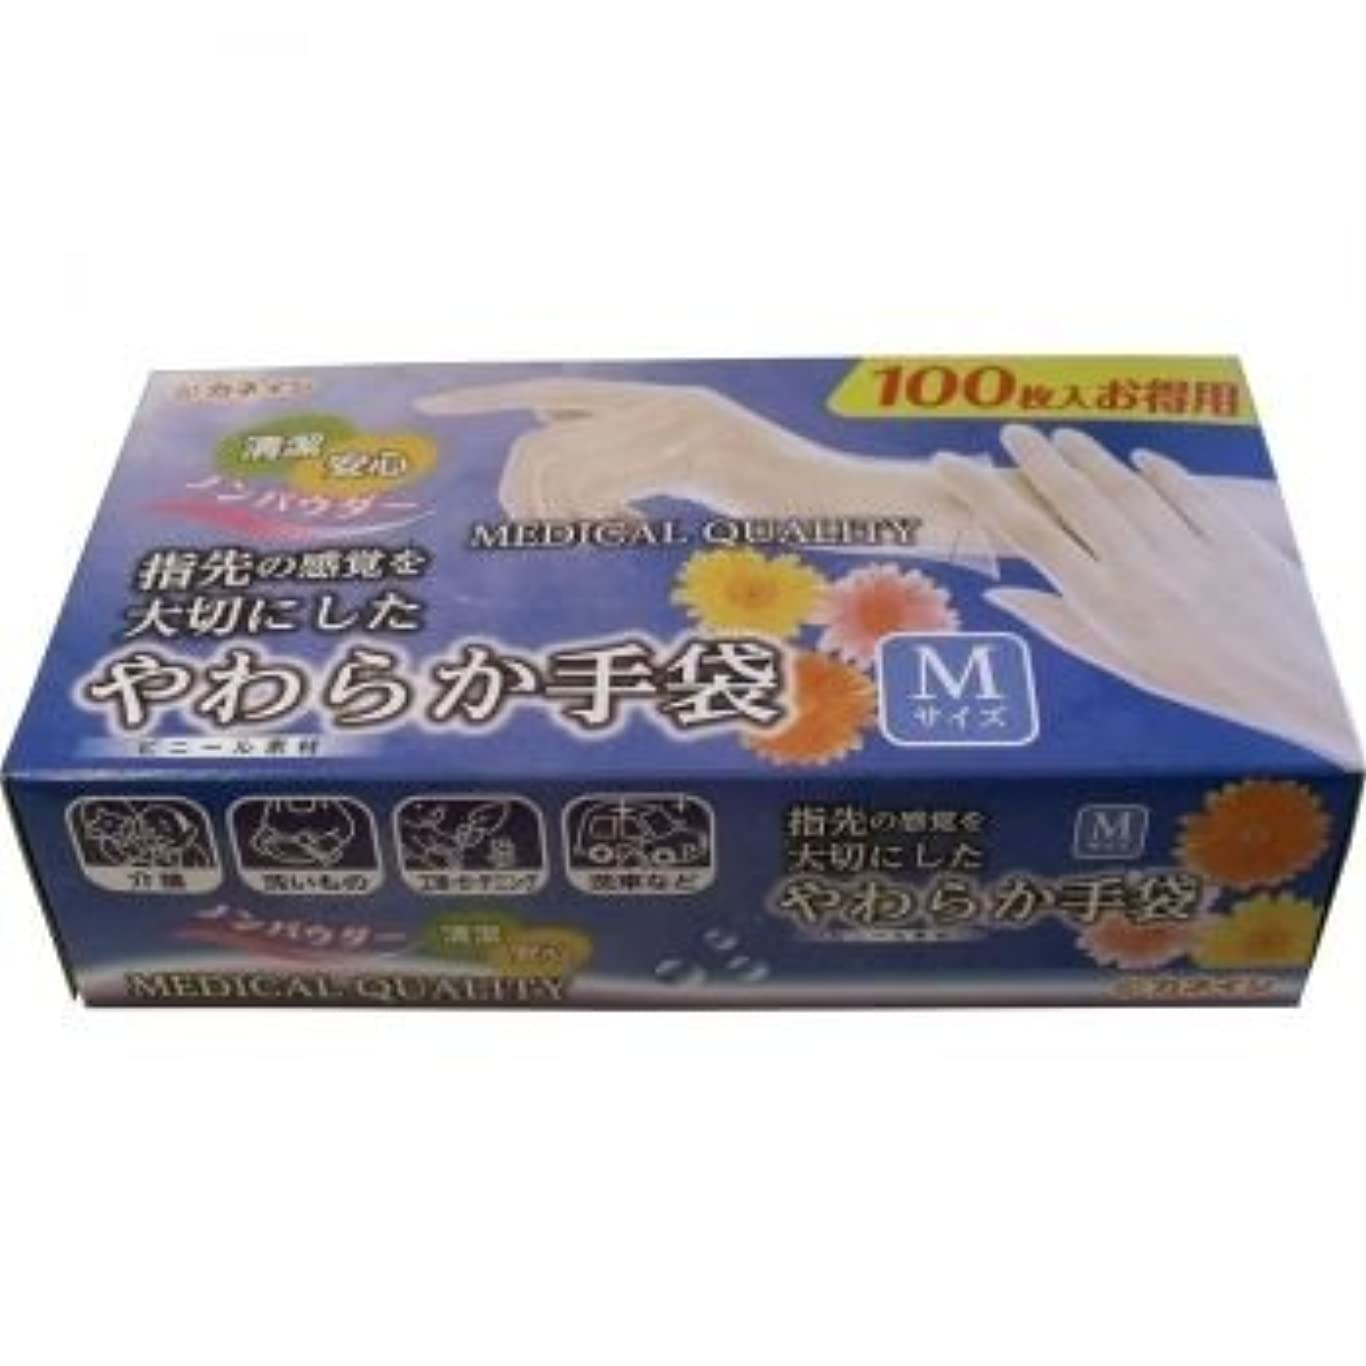 お誕生日機関氷やわらか手袋 ビニール素材 パウダーフリー Mサイズ 100枚入「2点セット」